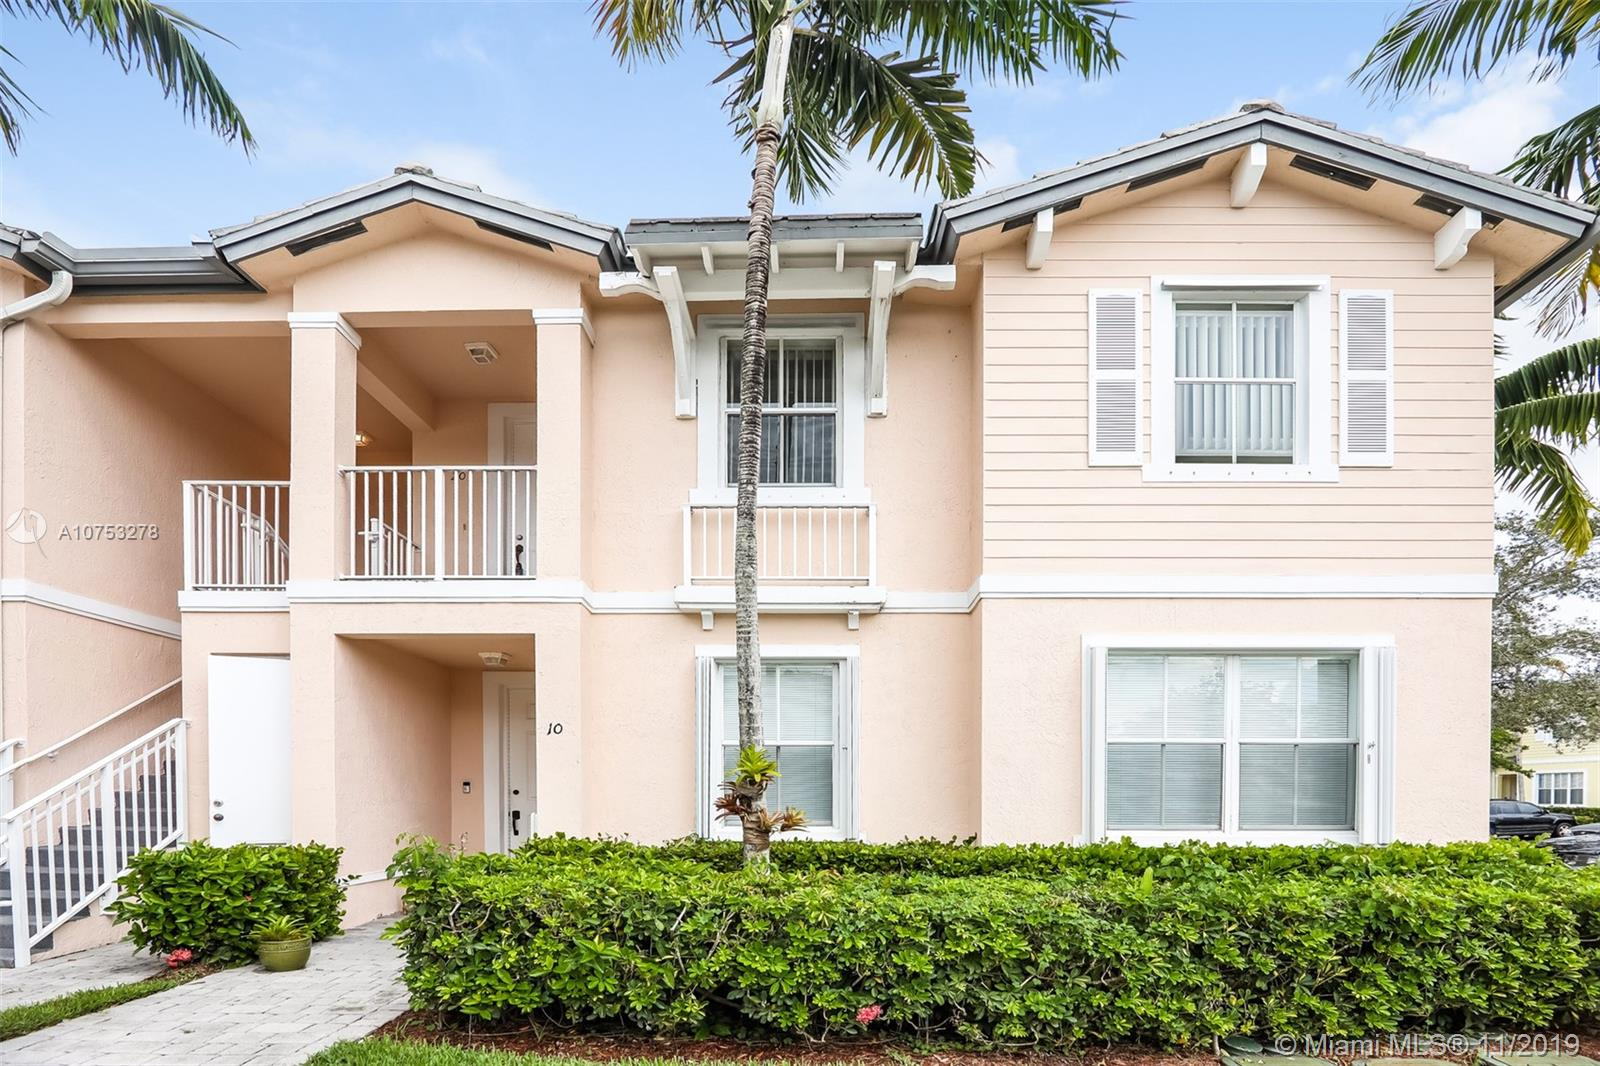 2933 SE 2nd St #20, Homestead, FL 33033 - Homestead, FL real estate listing